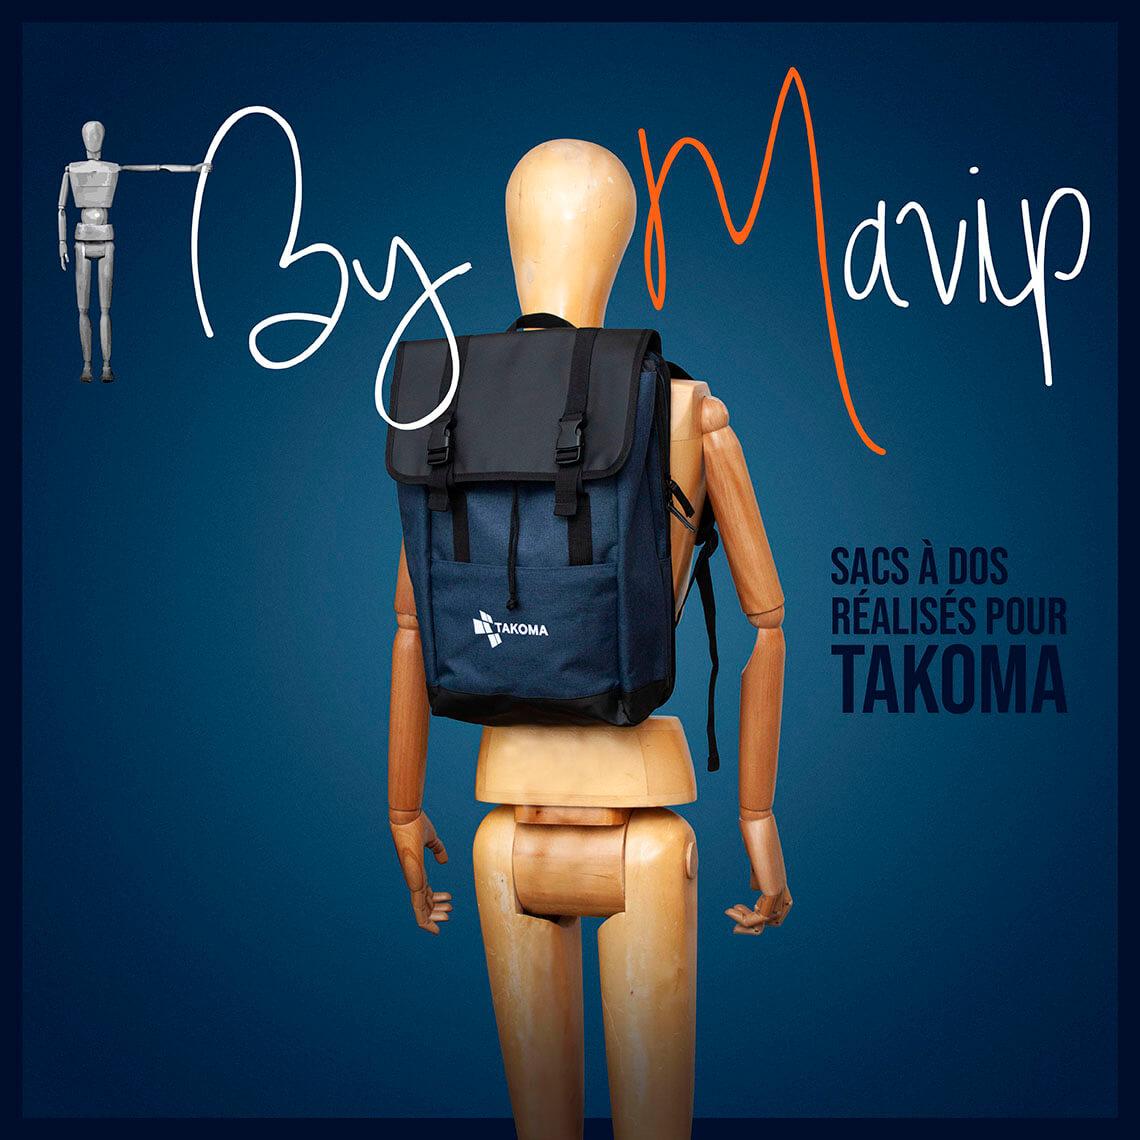 Sacs à dos réalisés pour Takoma par Mavip